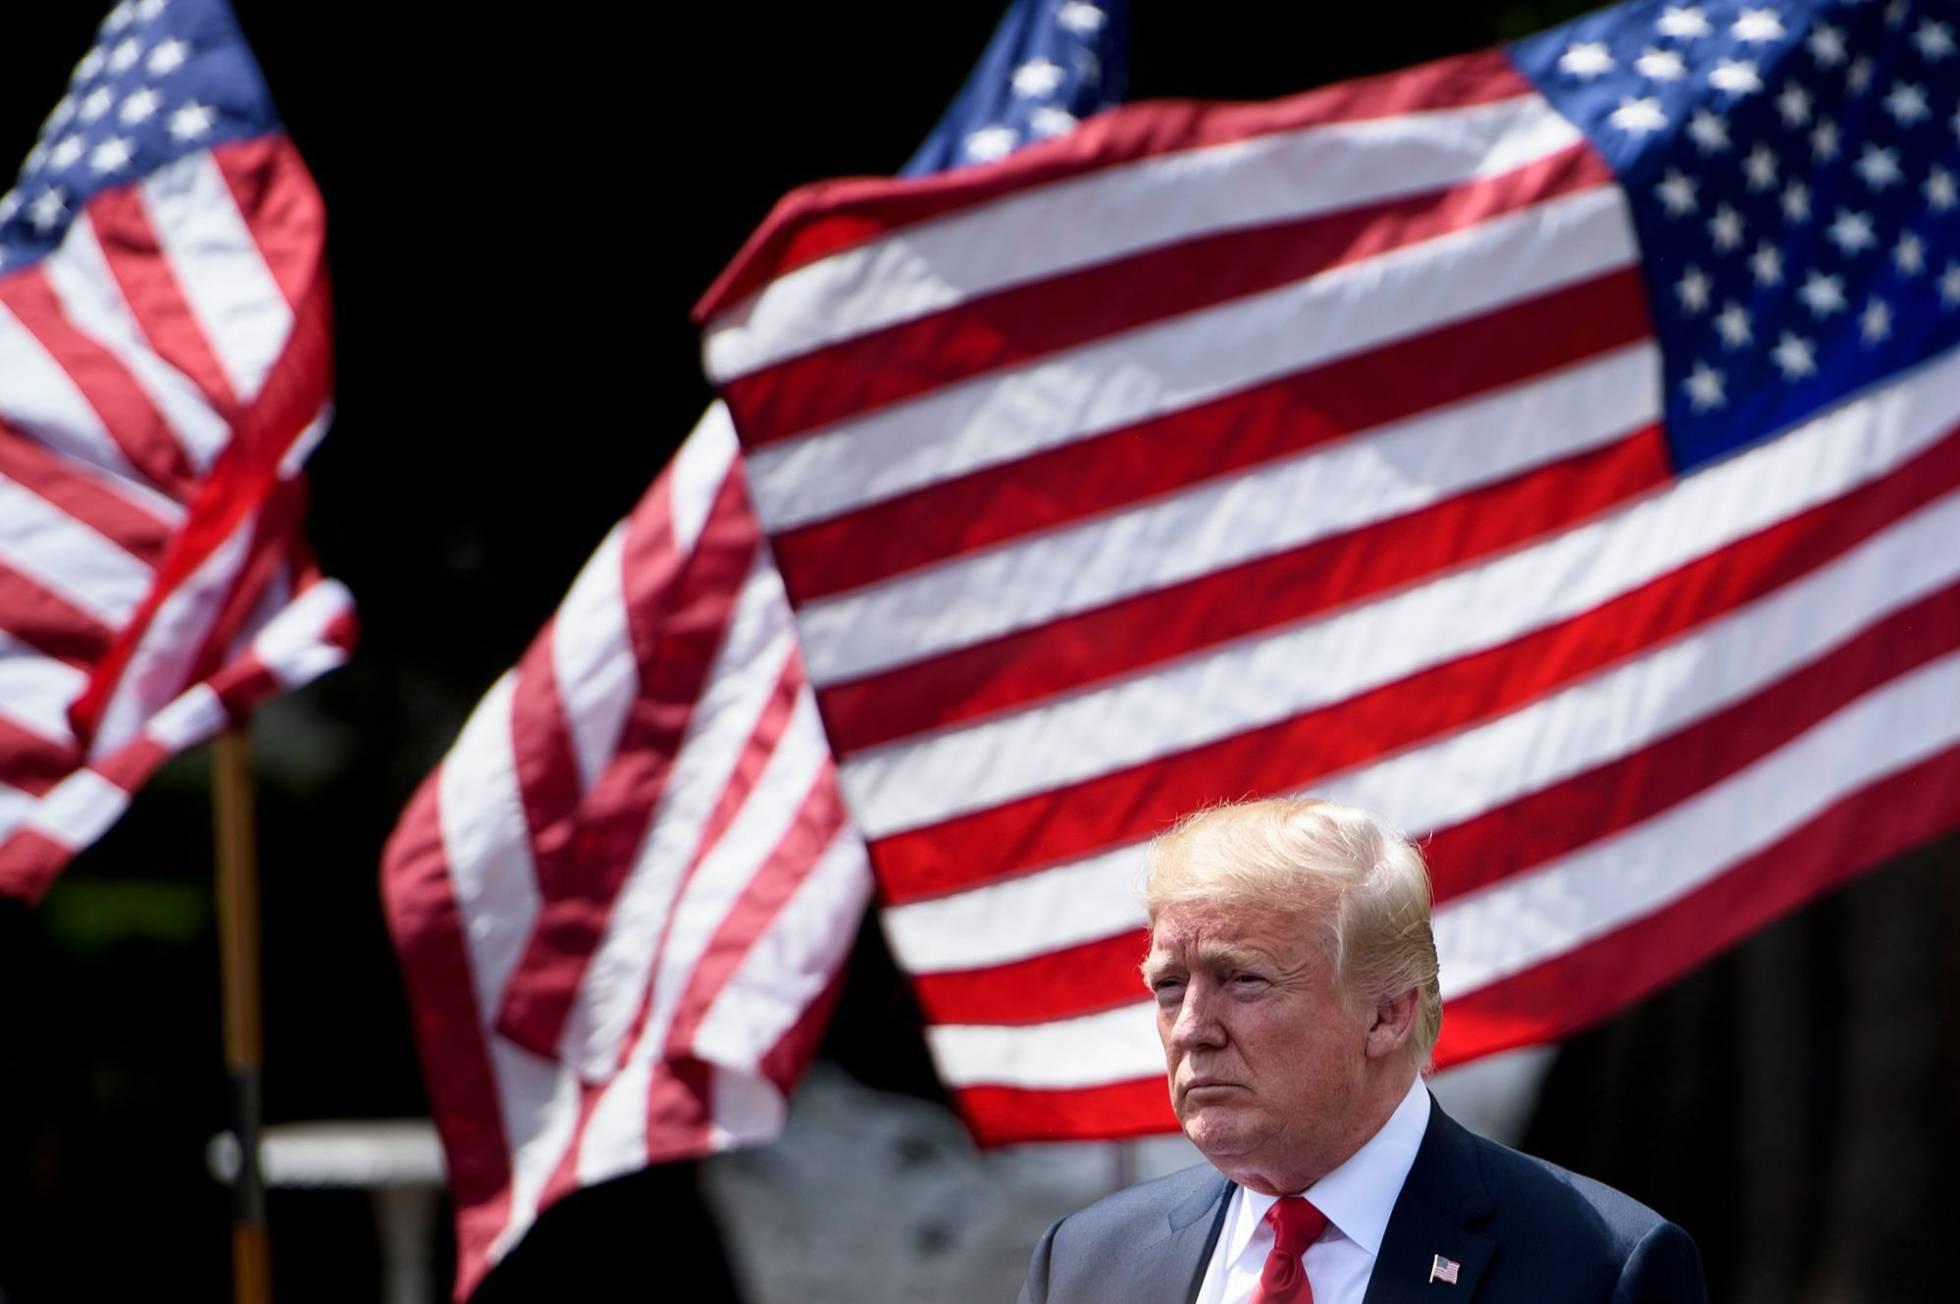 La fiscal de Nueva York acusa a Trump de utilizar su fundación para financiar su campaña presidencial